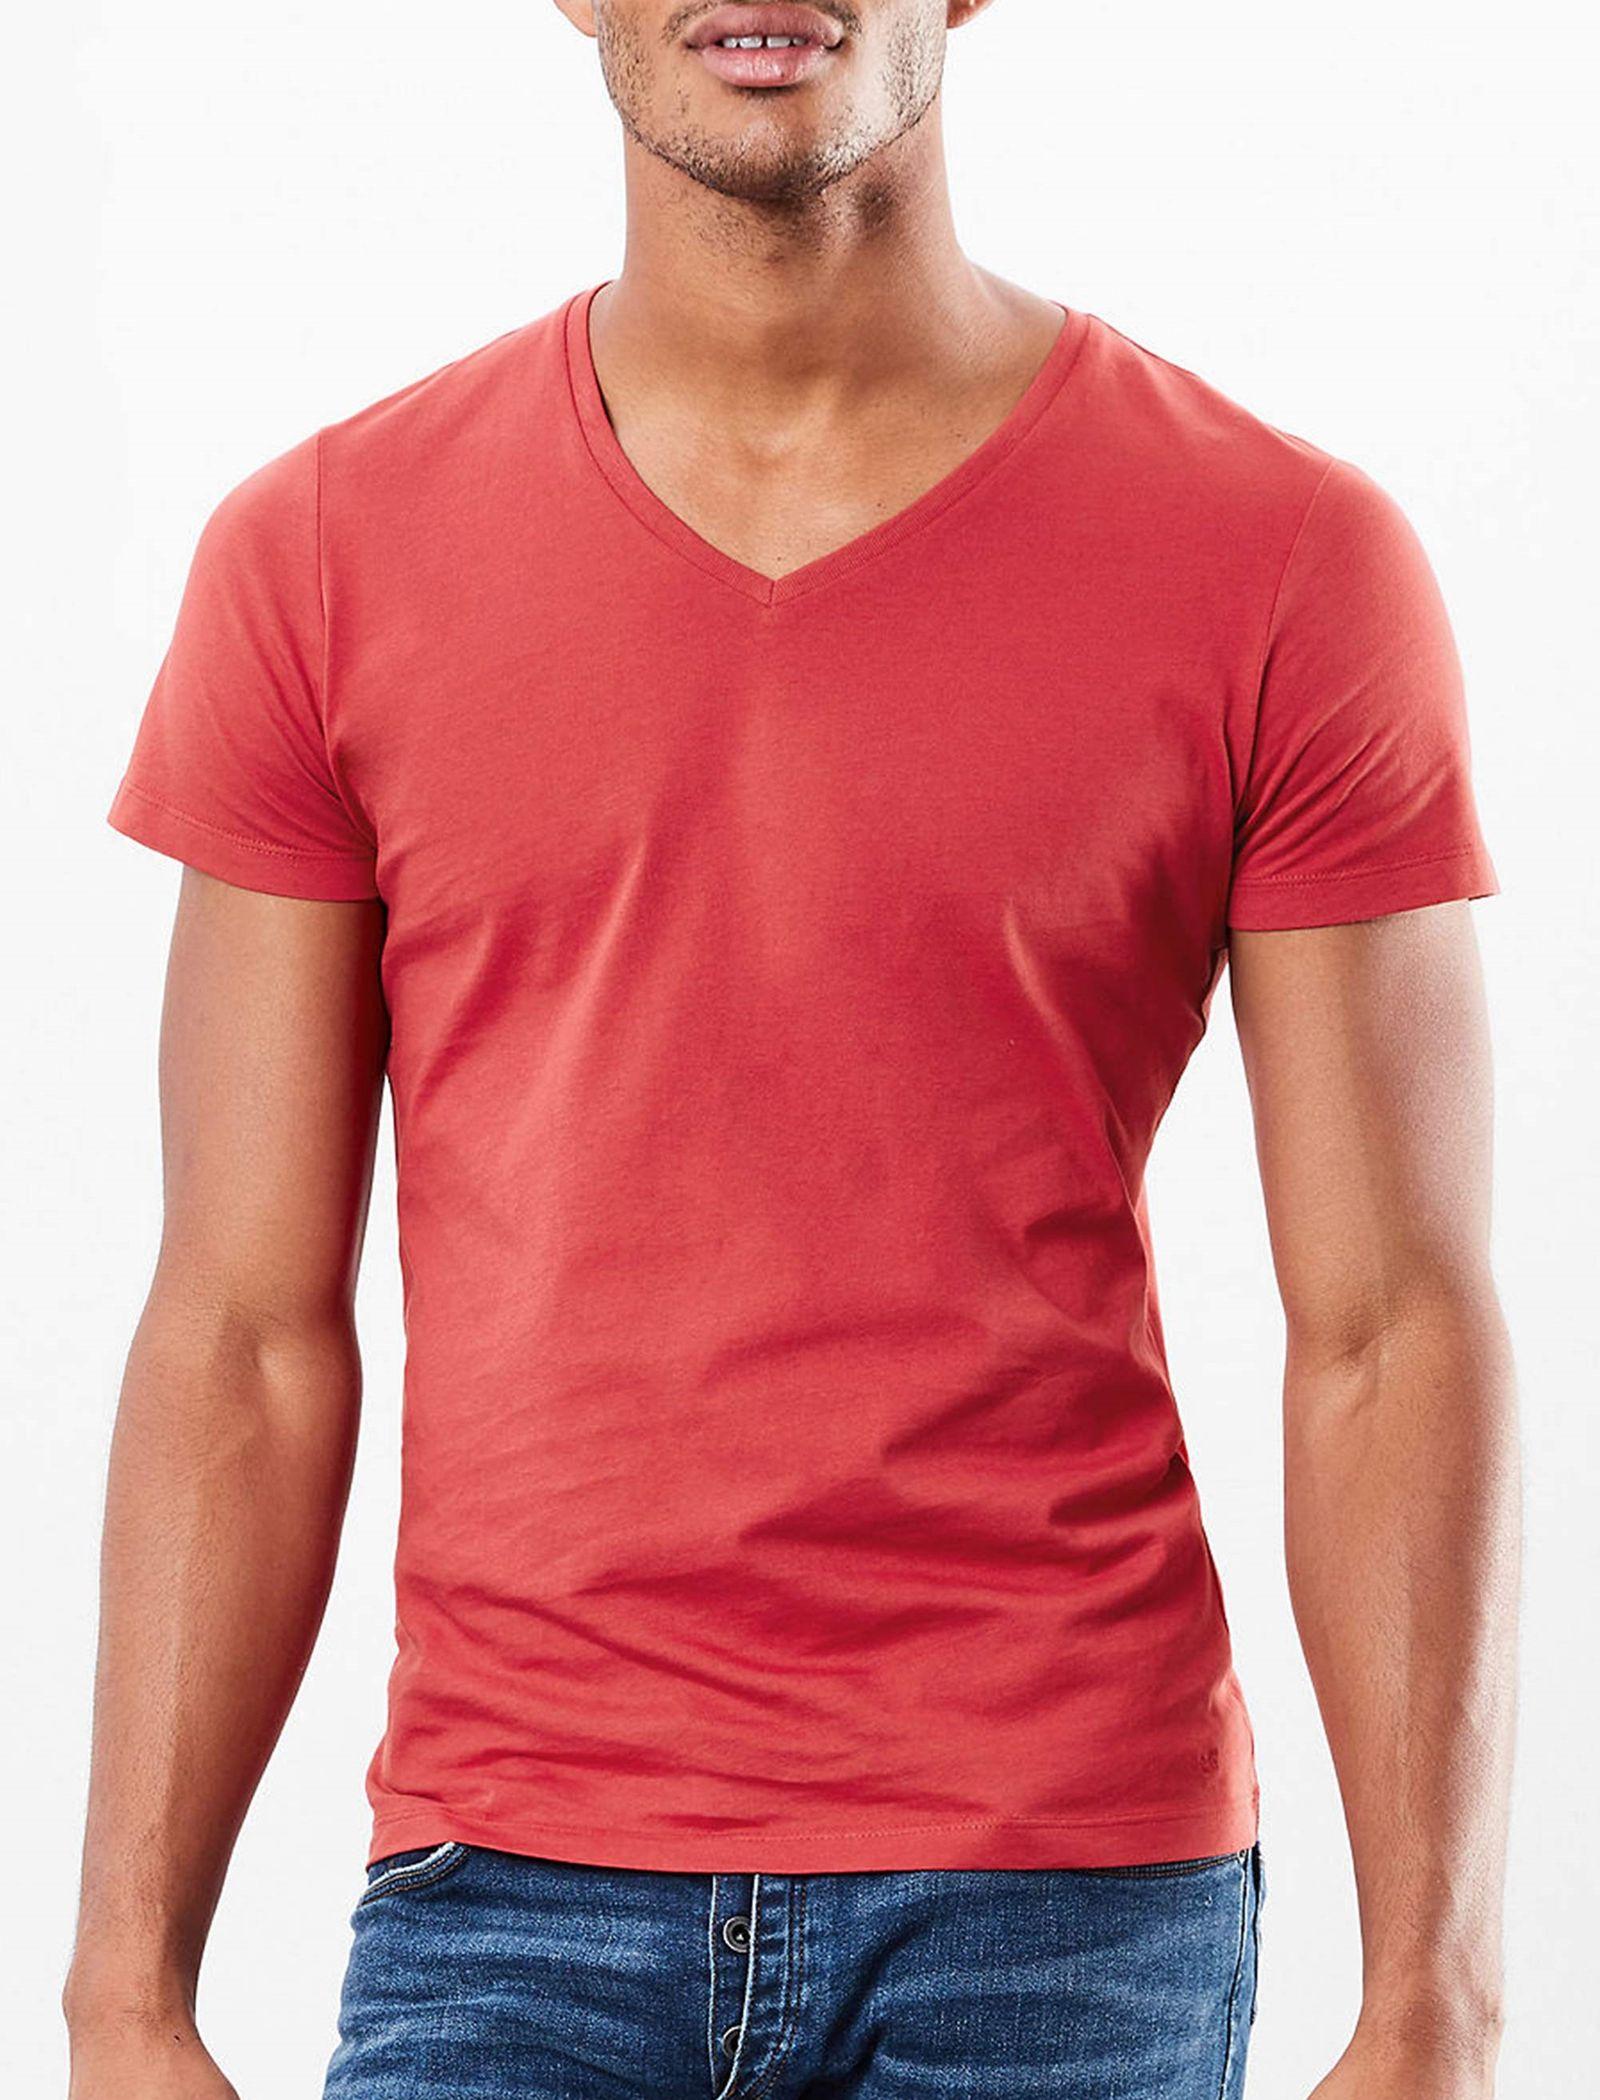 تی شرت نخی یقه هفت مردانه - اس.اولیور - قرمز - 2